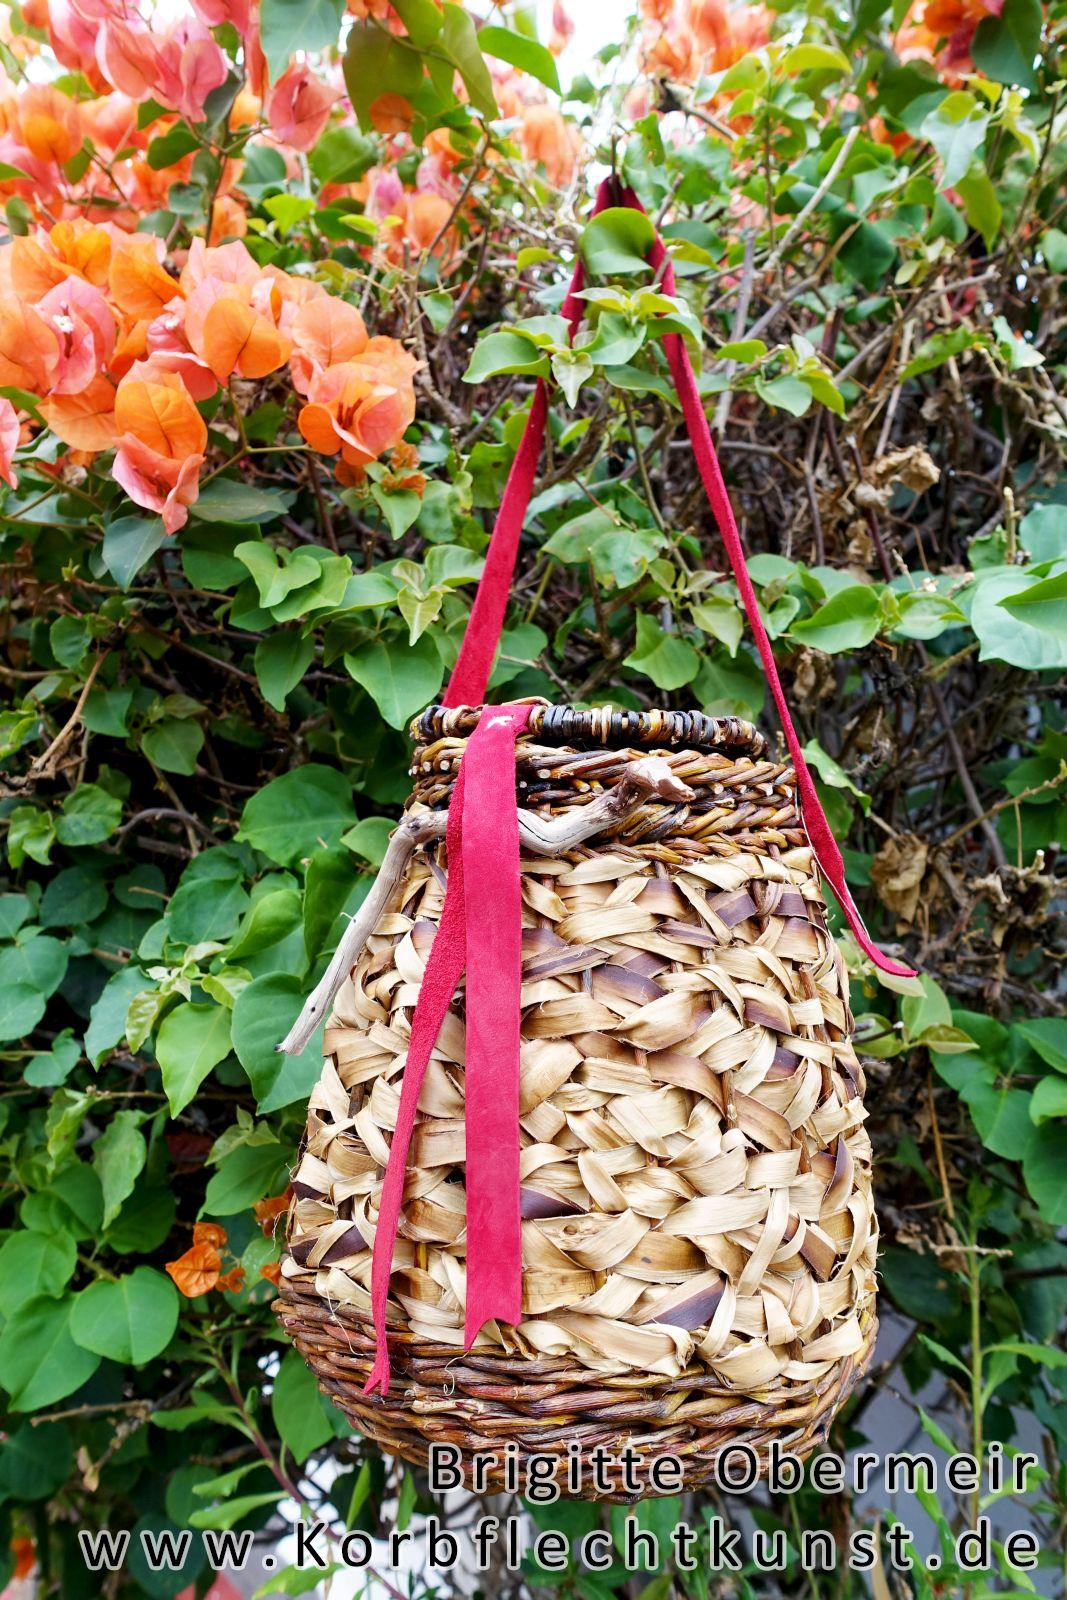 Korbtasche mit Weidenrinde und Deckel